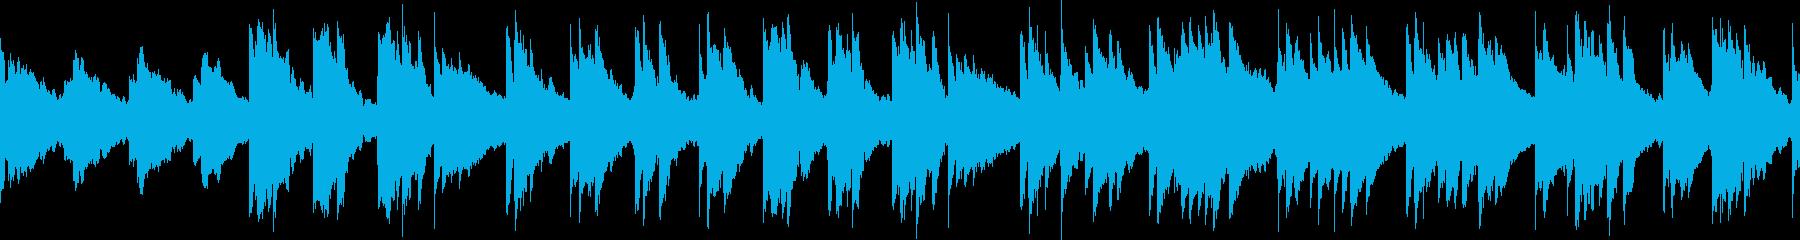 癒やし/アコースティックギター2ループ版の再生済みの波形